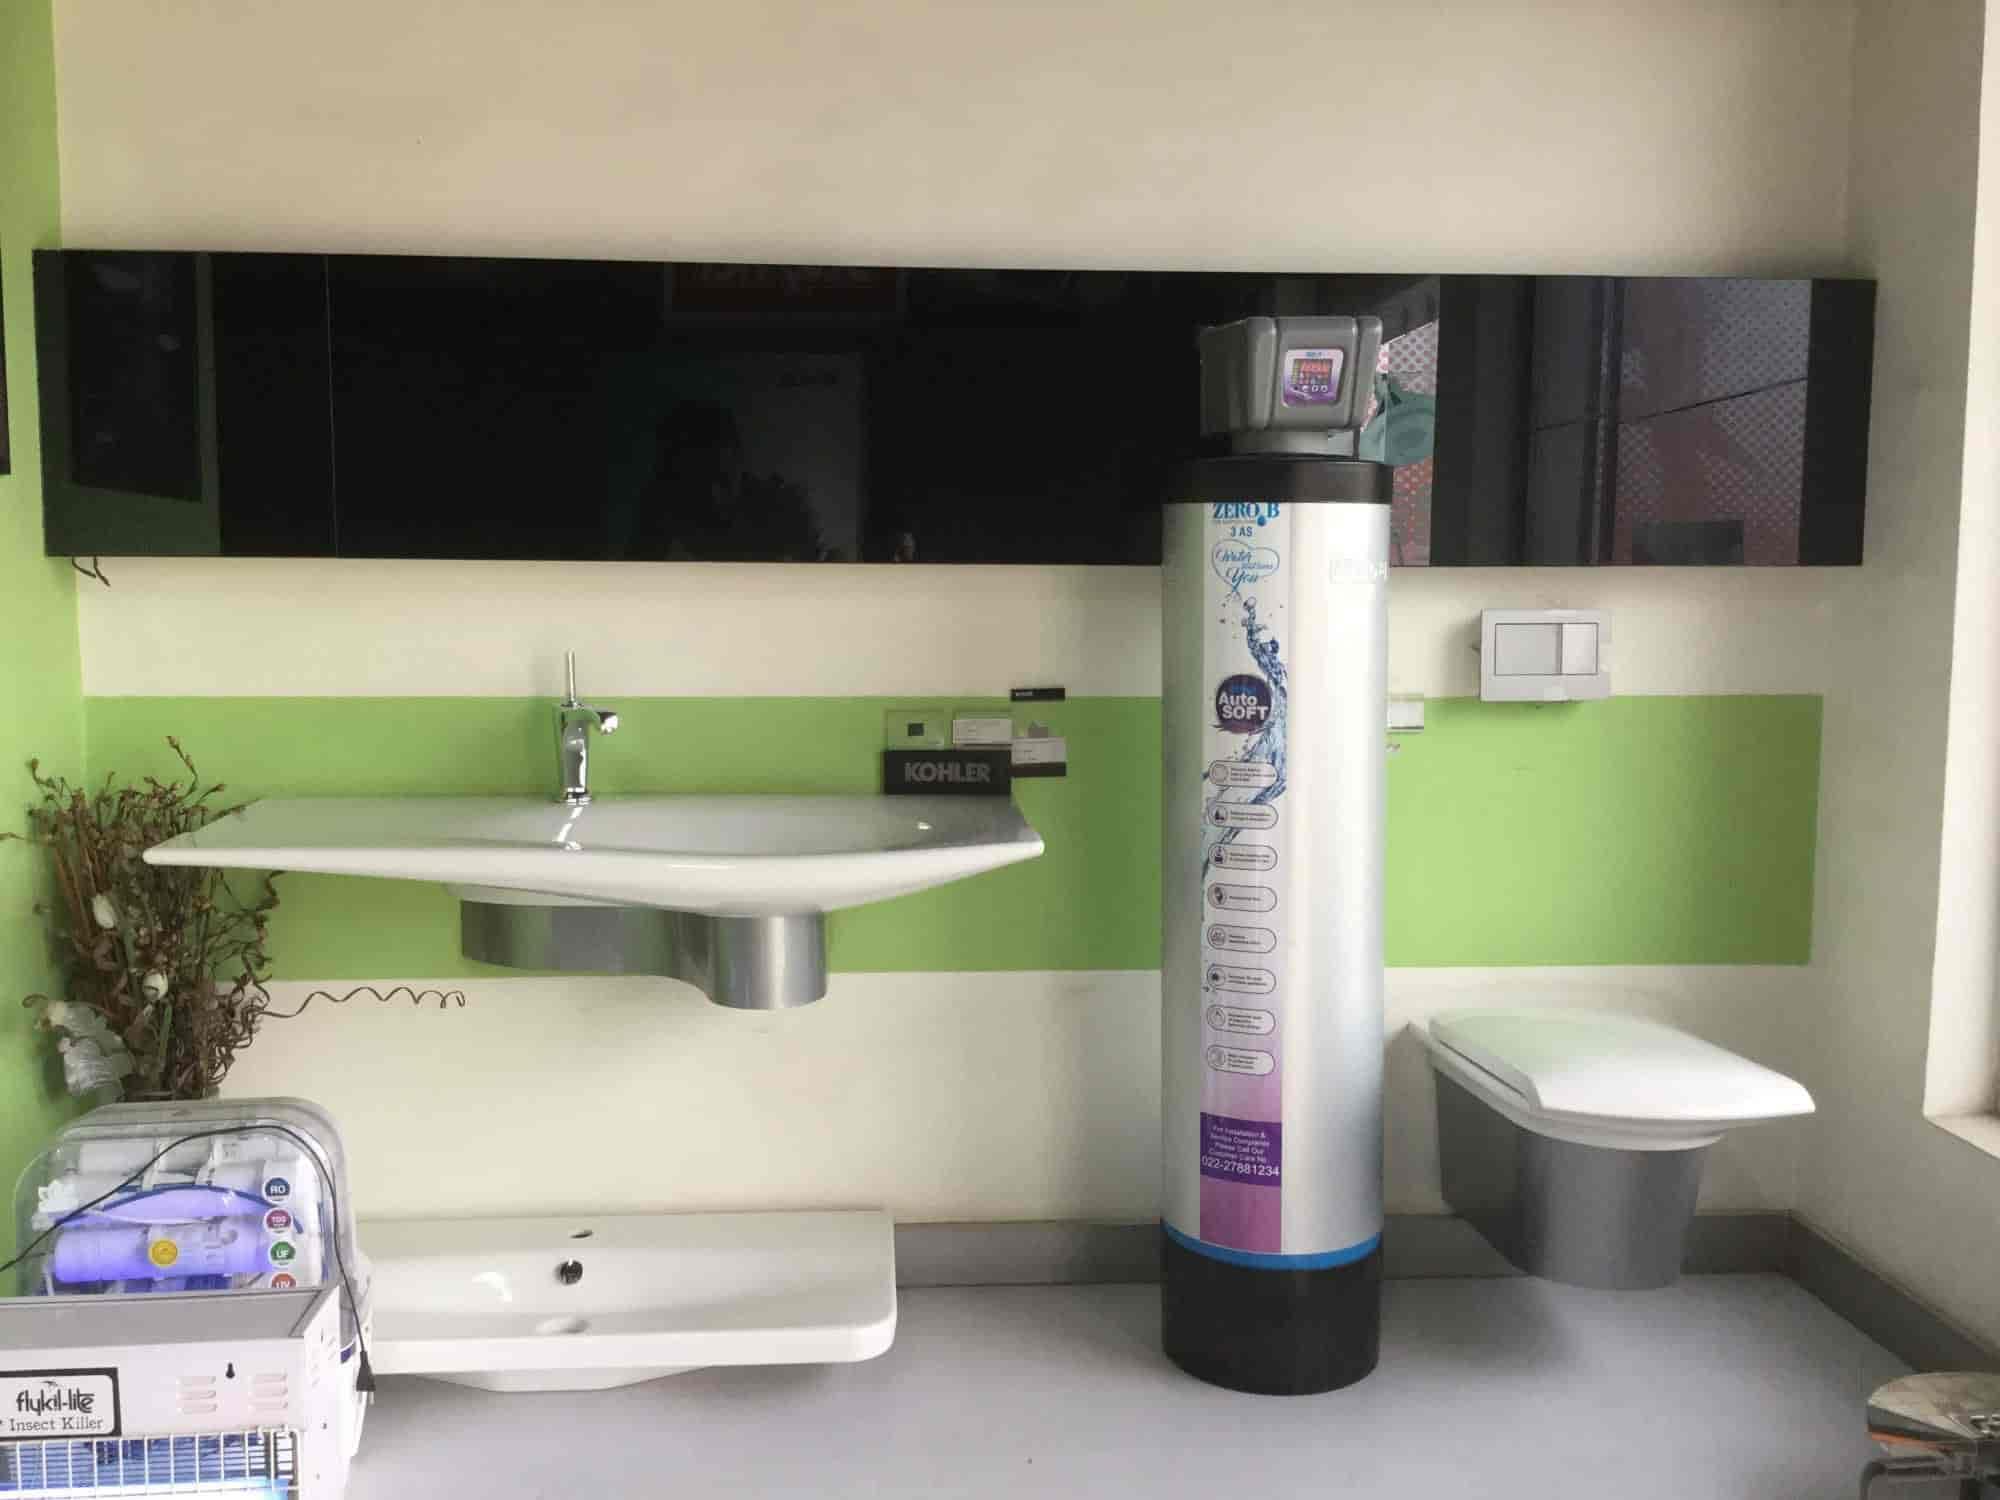 Fresh Bath, Patel Nagar - Sanitaryware Dealers in Delhi - Justdial